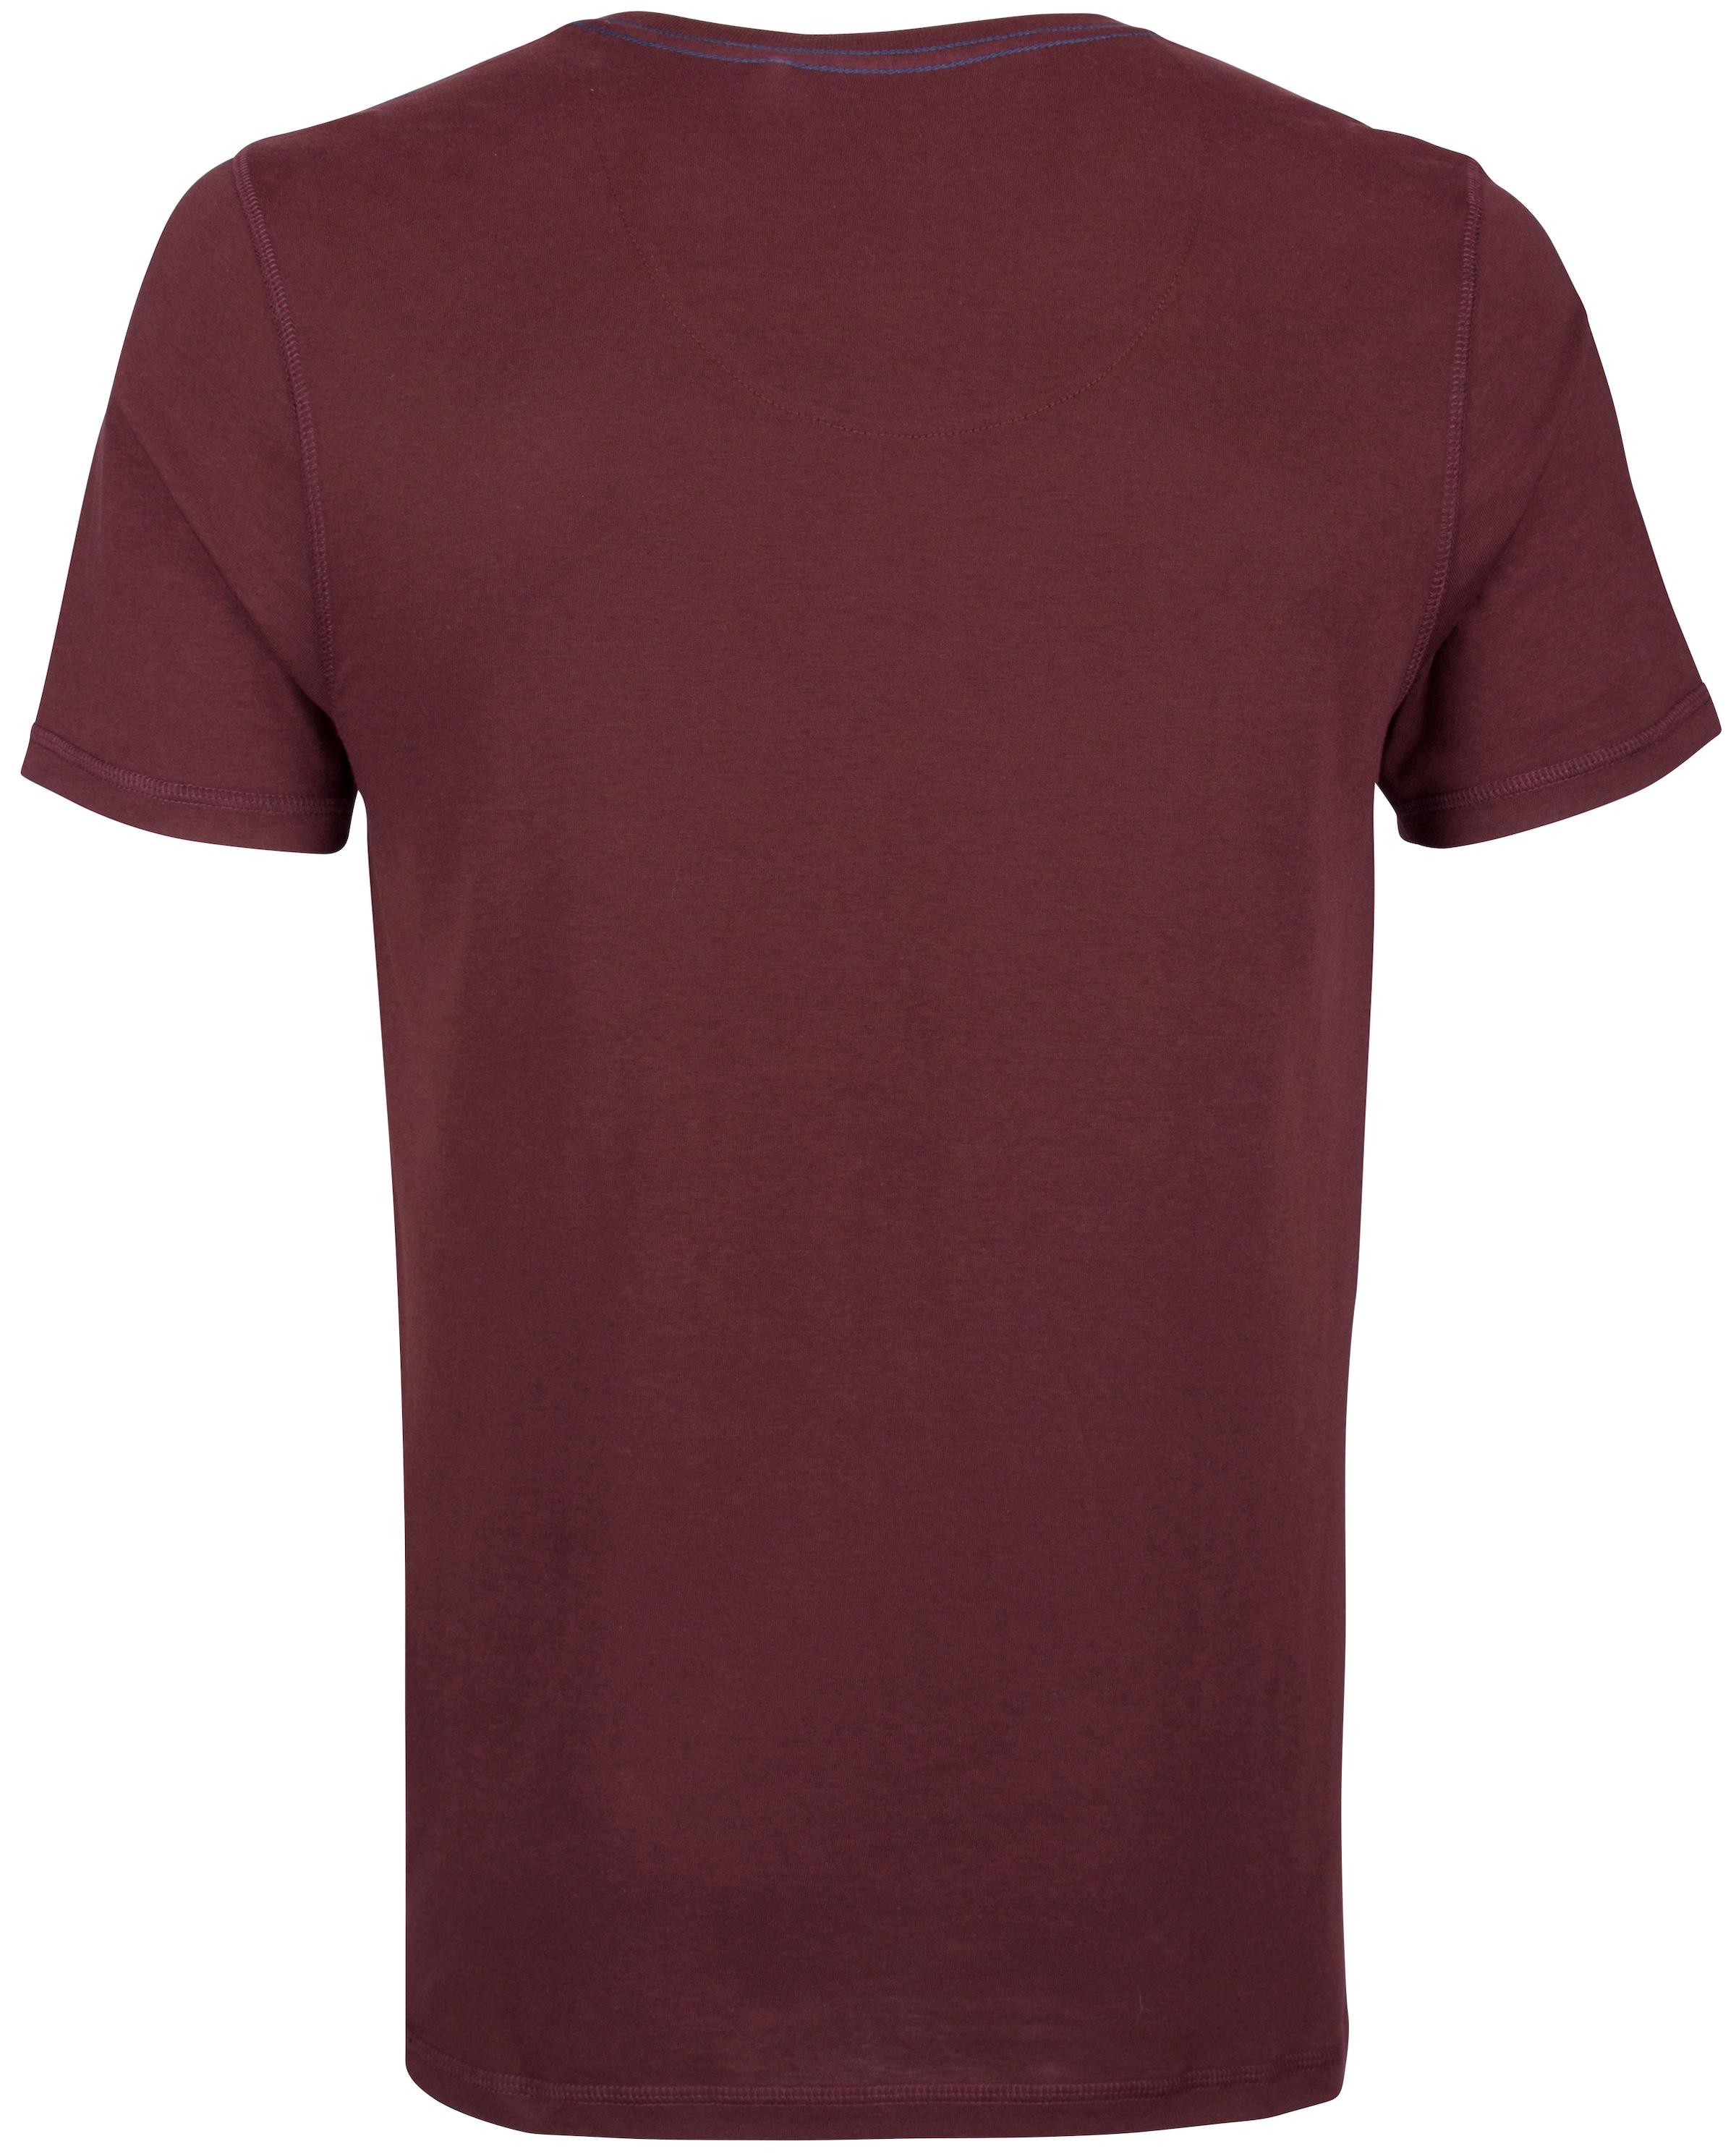 DREIMASTER DreiMaster T-Shirt Wie Viel Günstigen Preis Auslass Footlocker Bilder Zum Verkauf Großhandelspreis Billig Verkauf Exklusiv SirGXbe